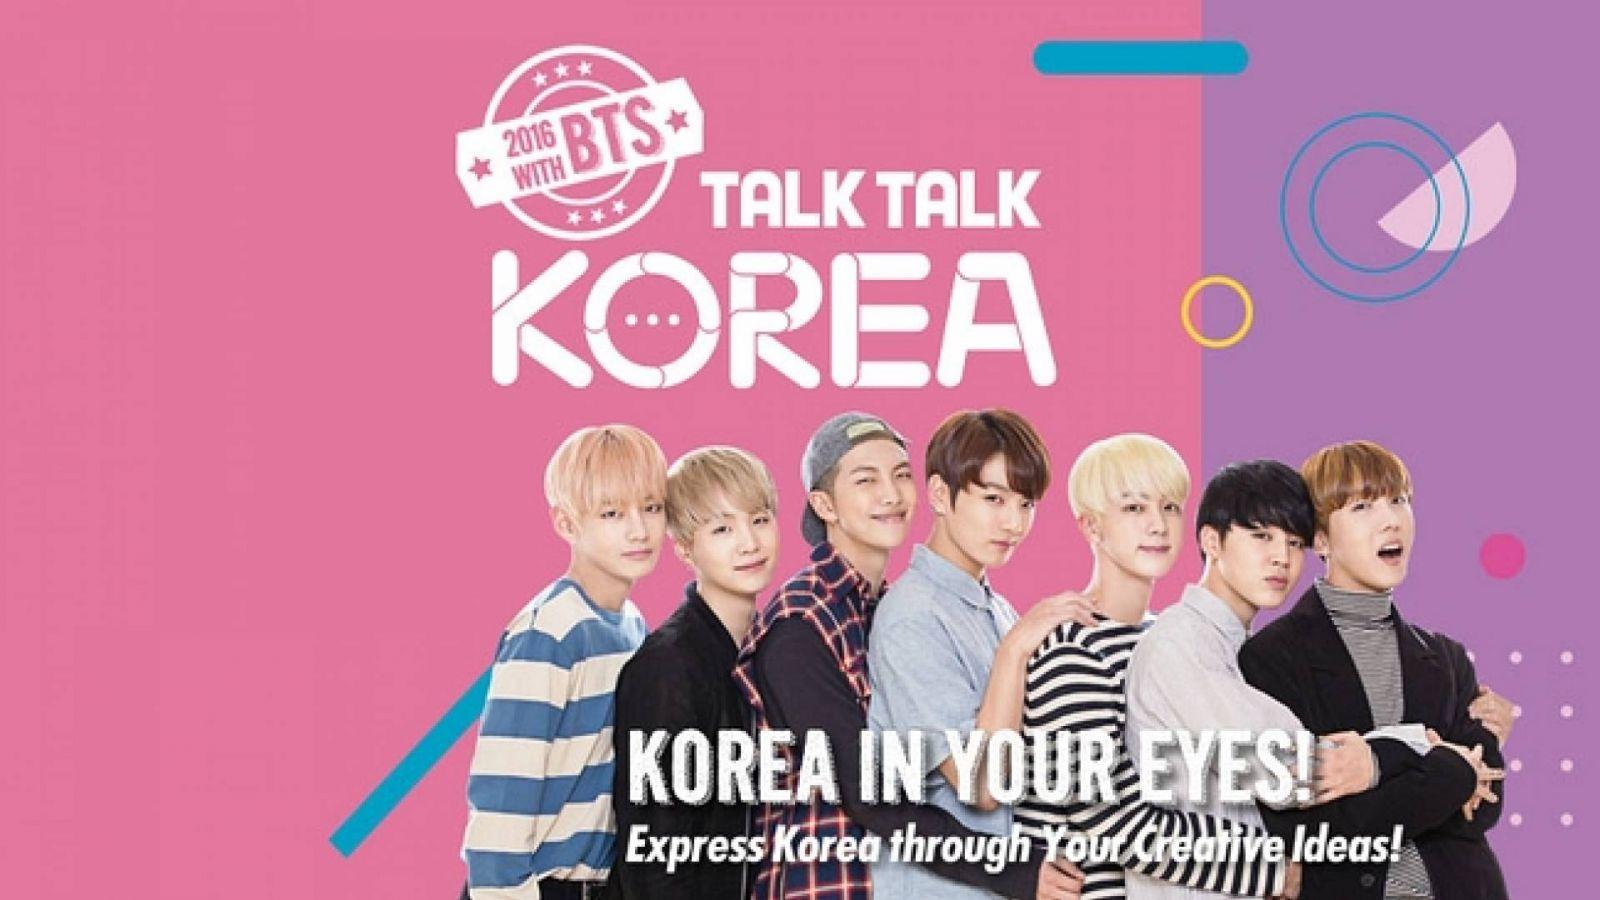 Voita matka Etelä-Koreaan Talk Talk Korea -kilpailussa © Talk Talk Korea